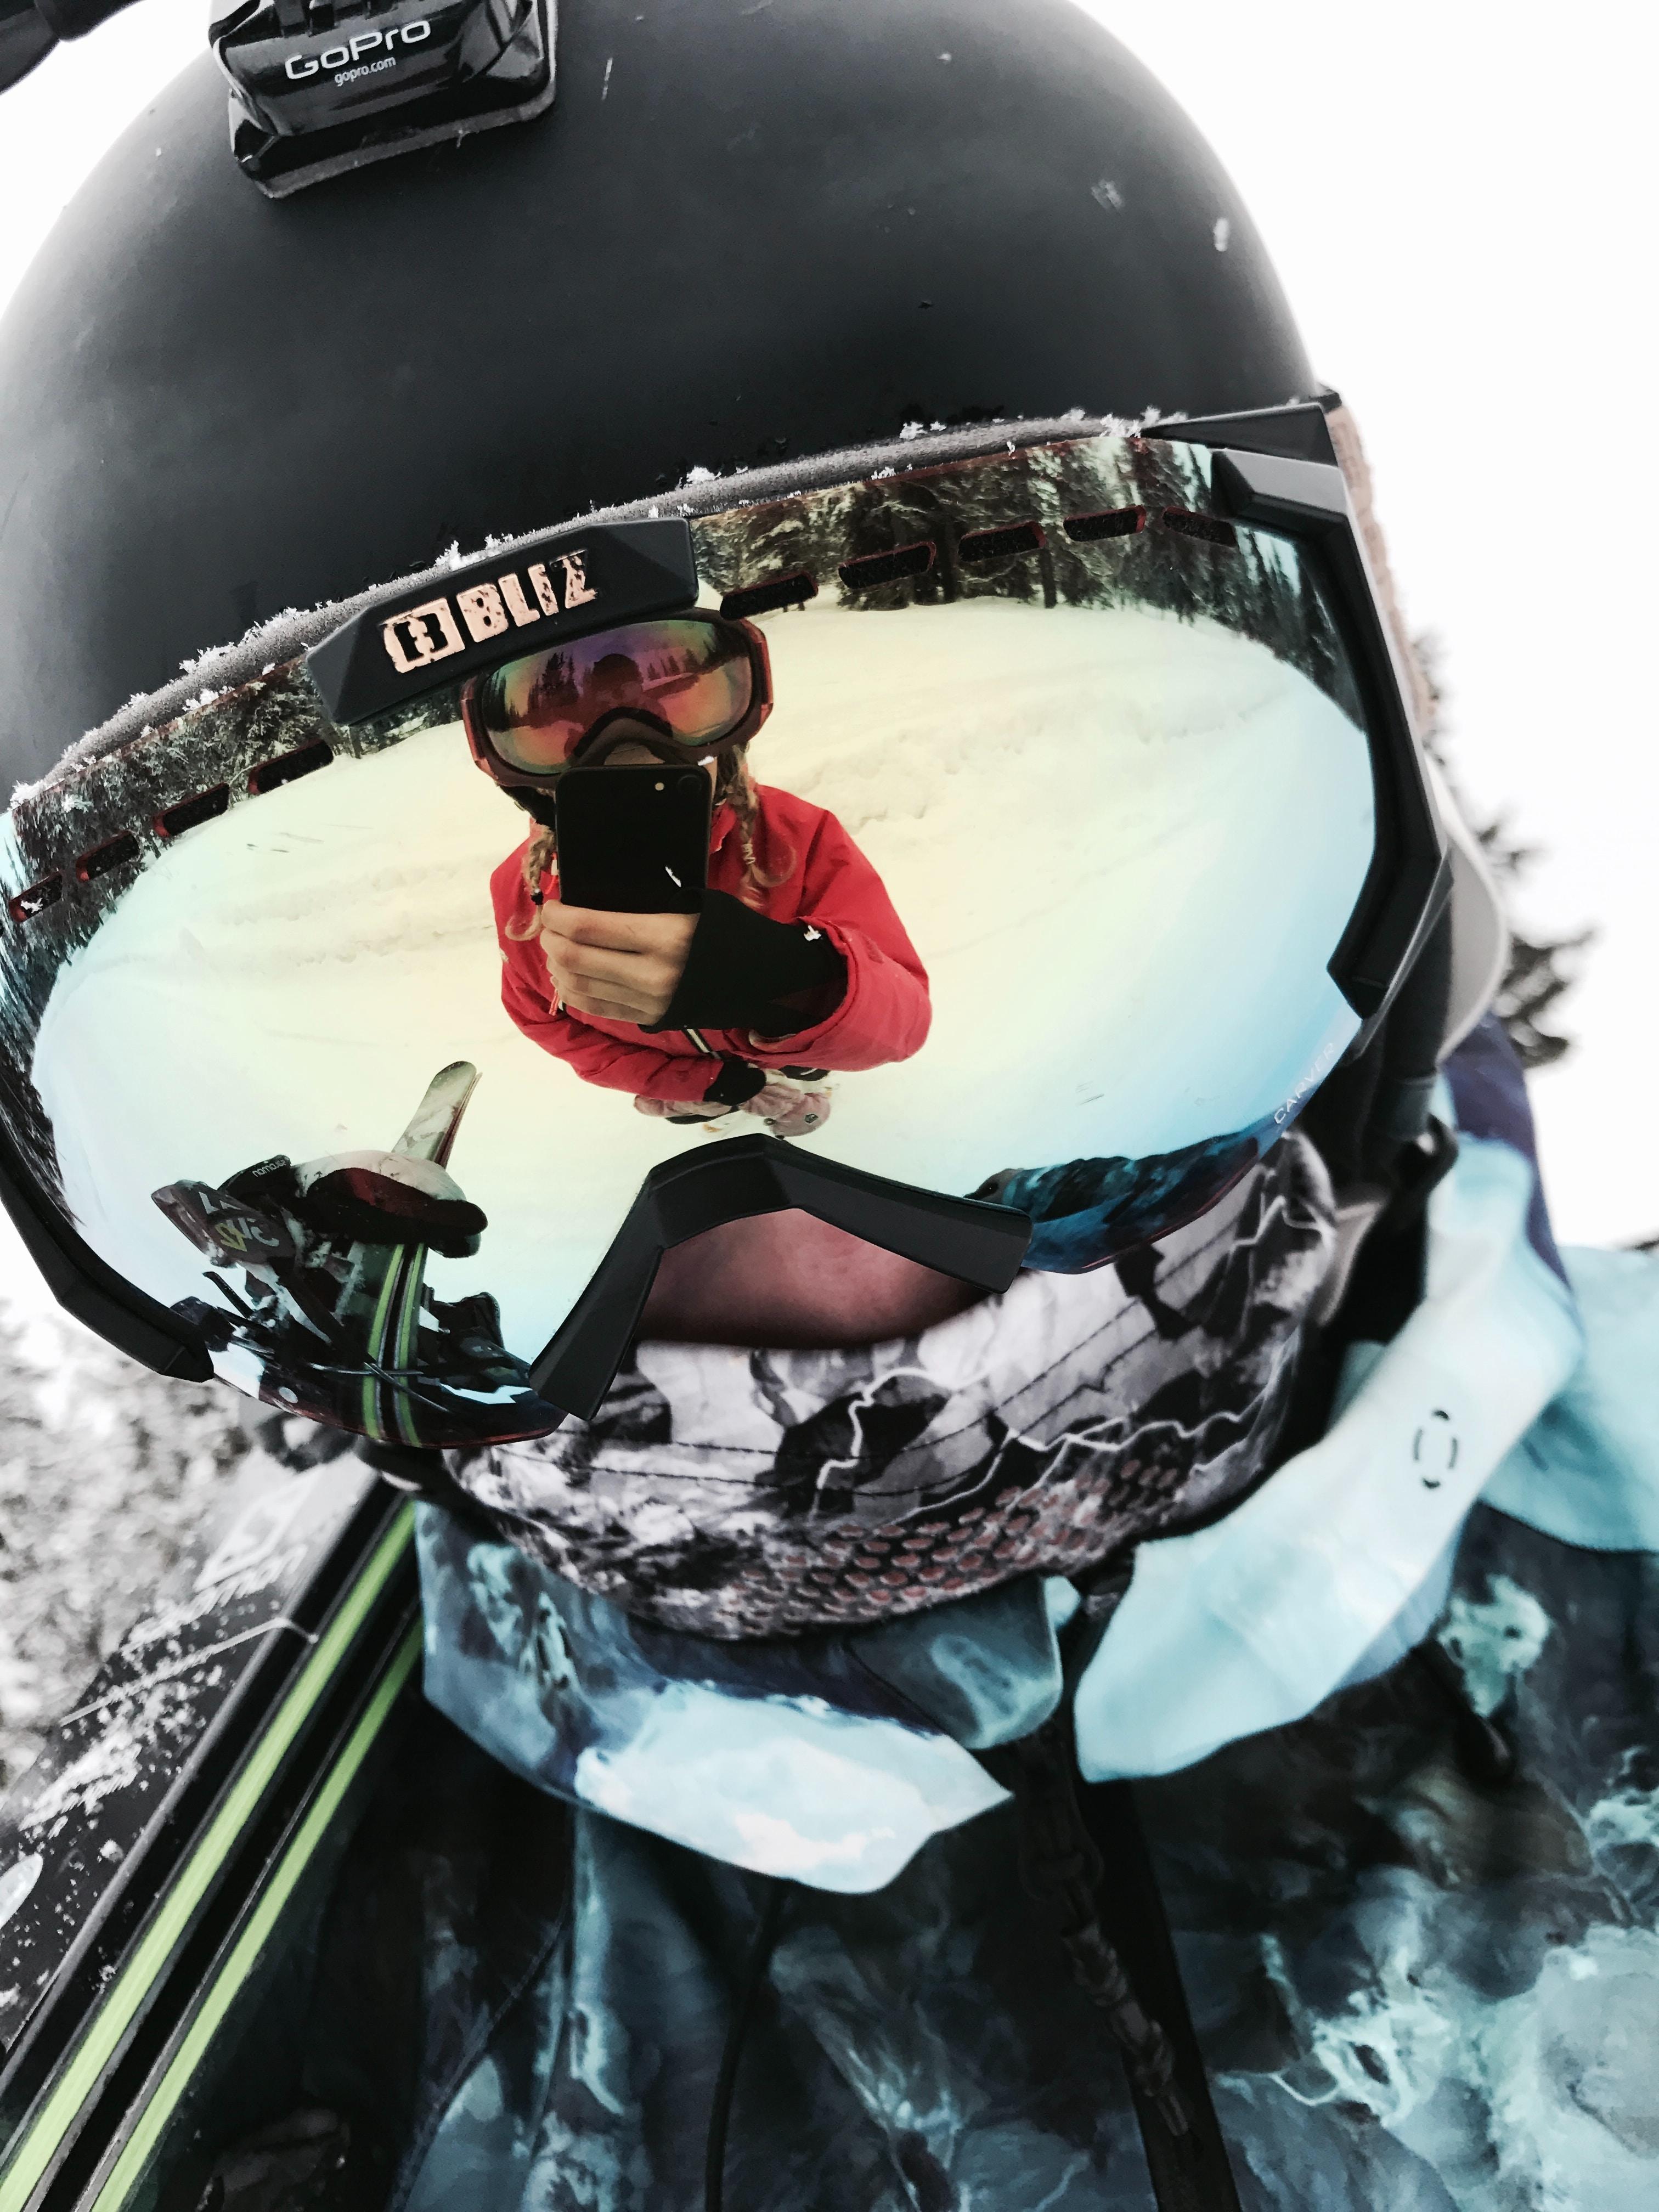 Eine Ski-Brille schützt deine Augen zuverlässig vor UV-Strahlung, Kälte und Schnee.